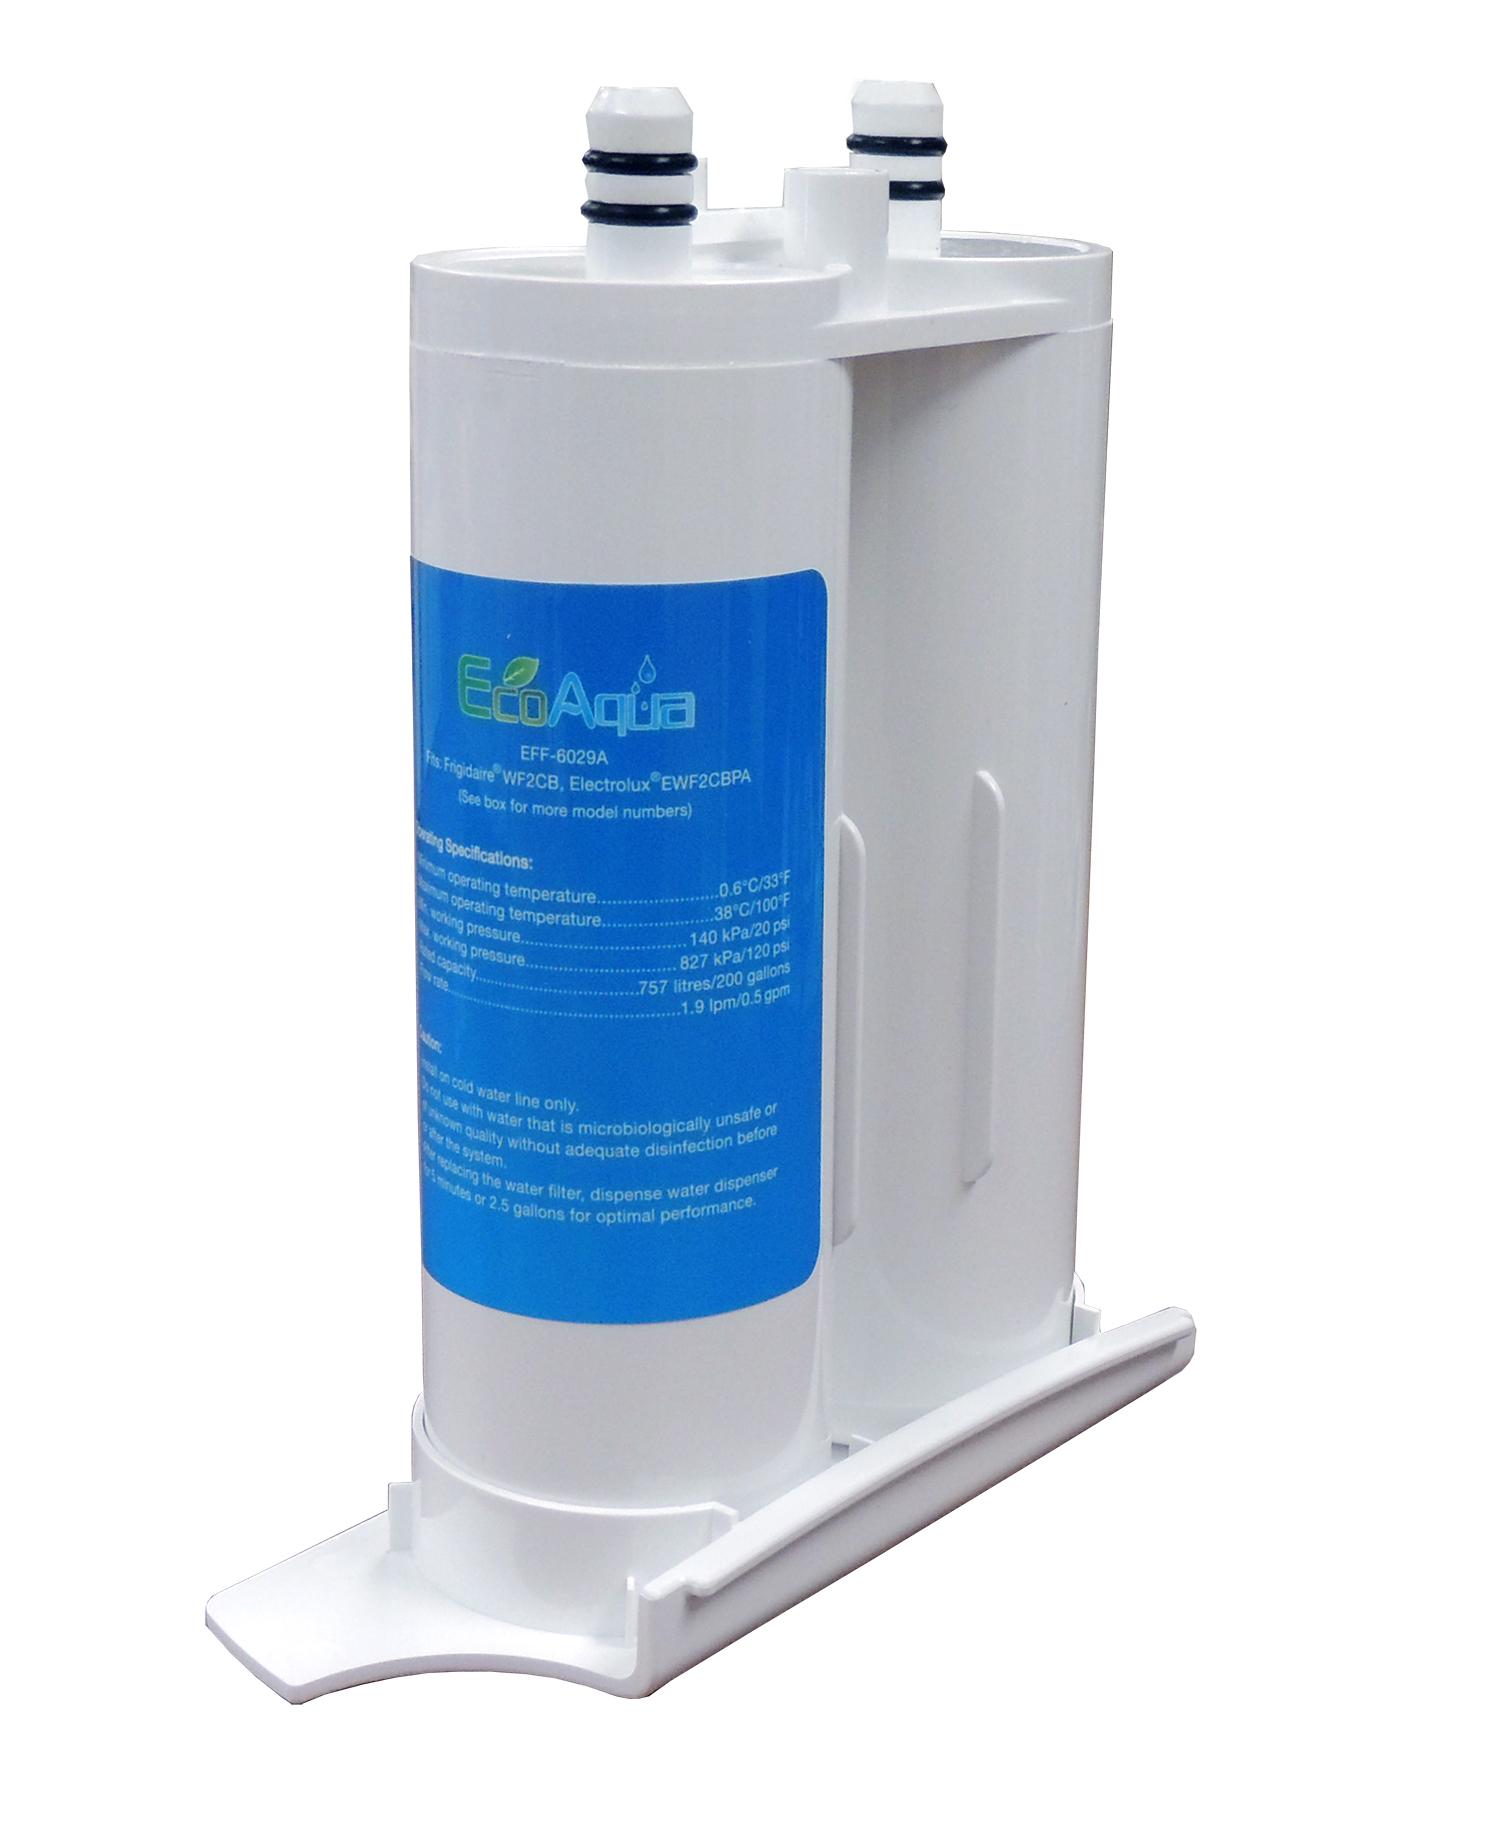 EcoAqua 9911 Compatible Refridgerator Water Filter at Sears.com